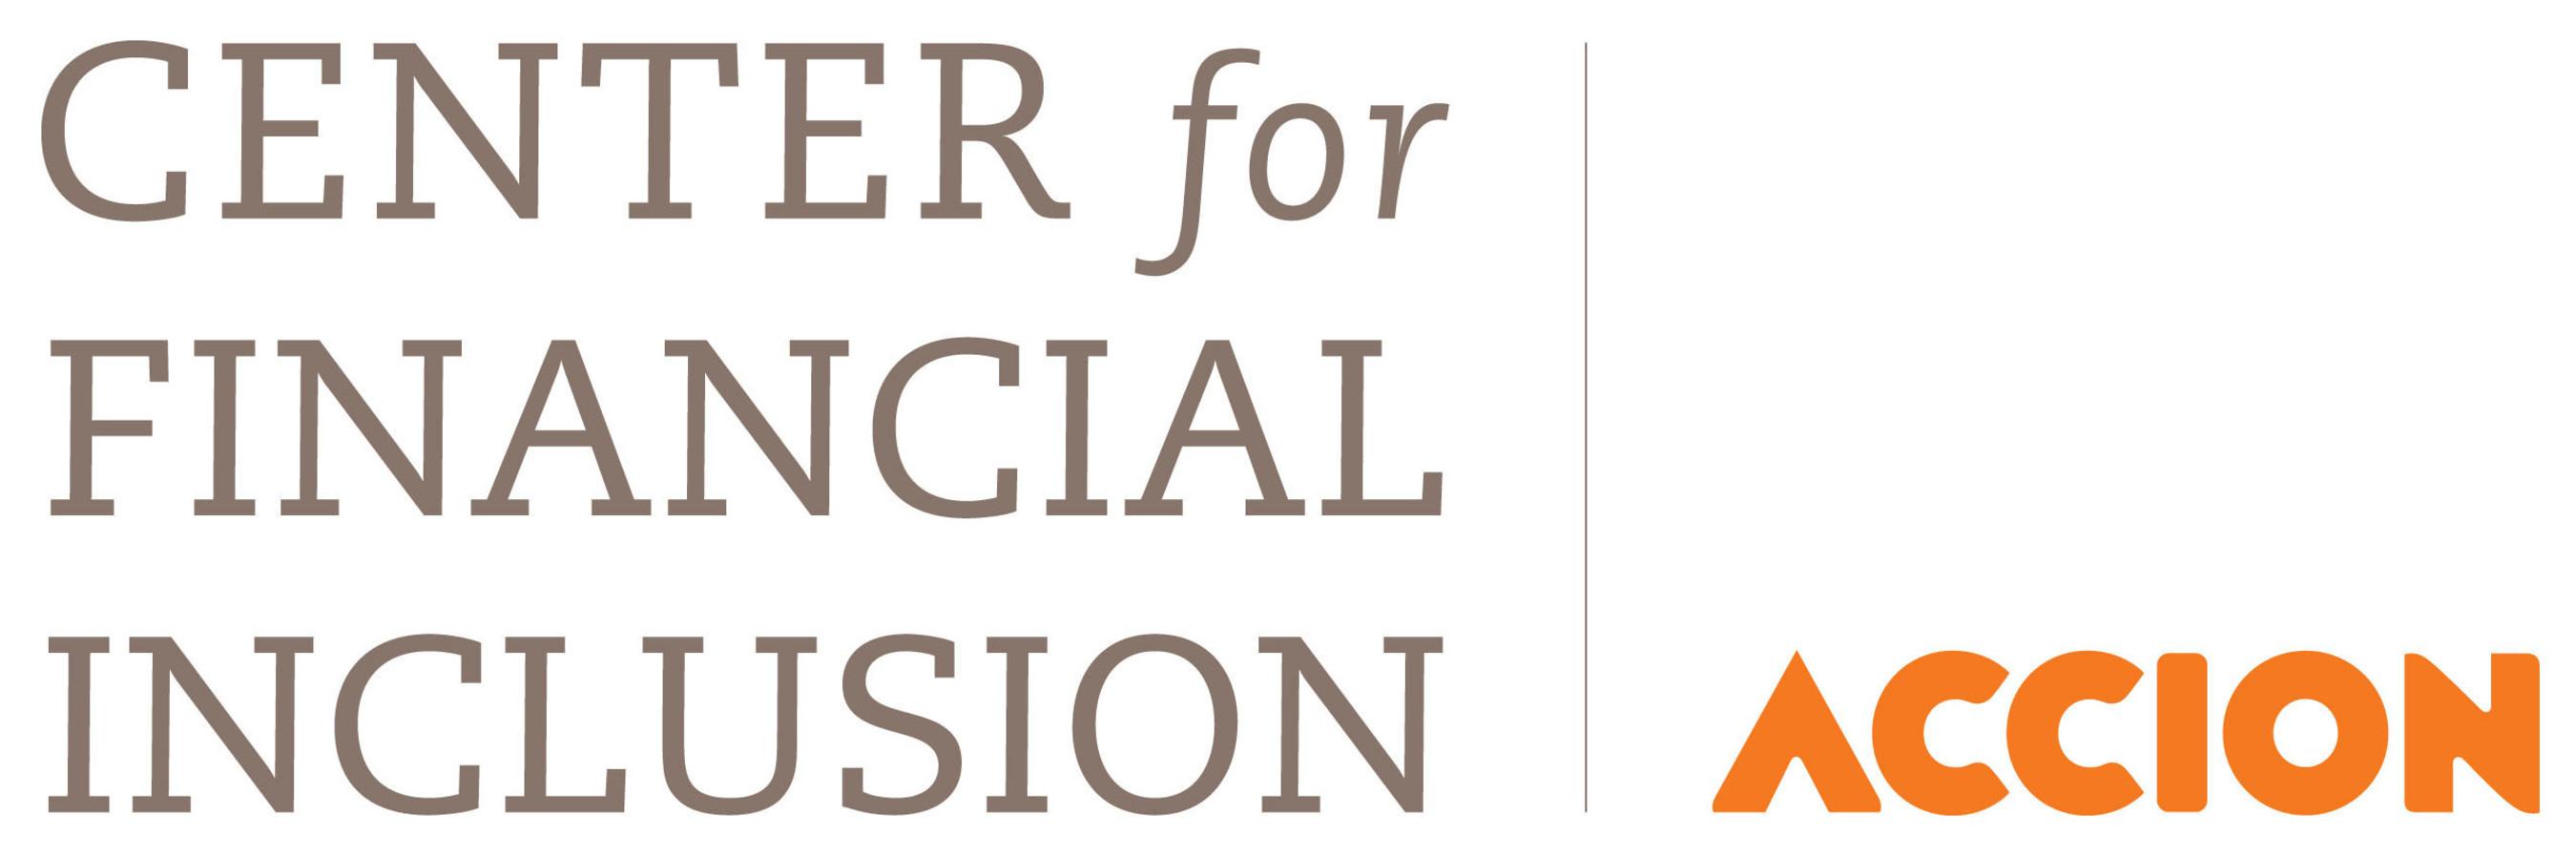 The Center for Financial Inclusion at Accion. (PRNewsFoto/Center for Financial Inclusion at Accion) (PRNewsFoto/)